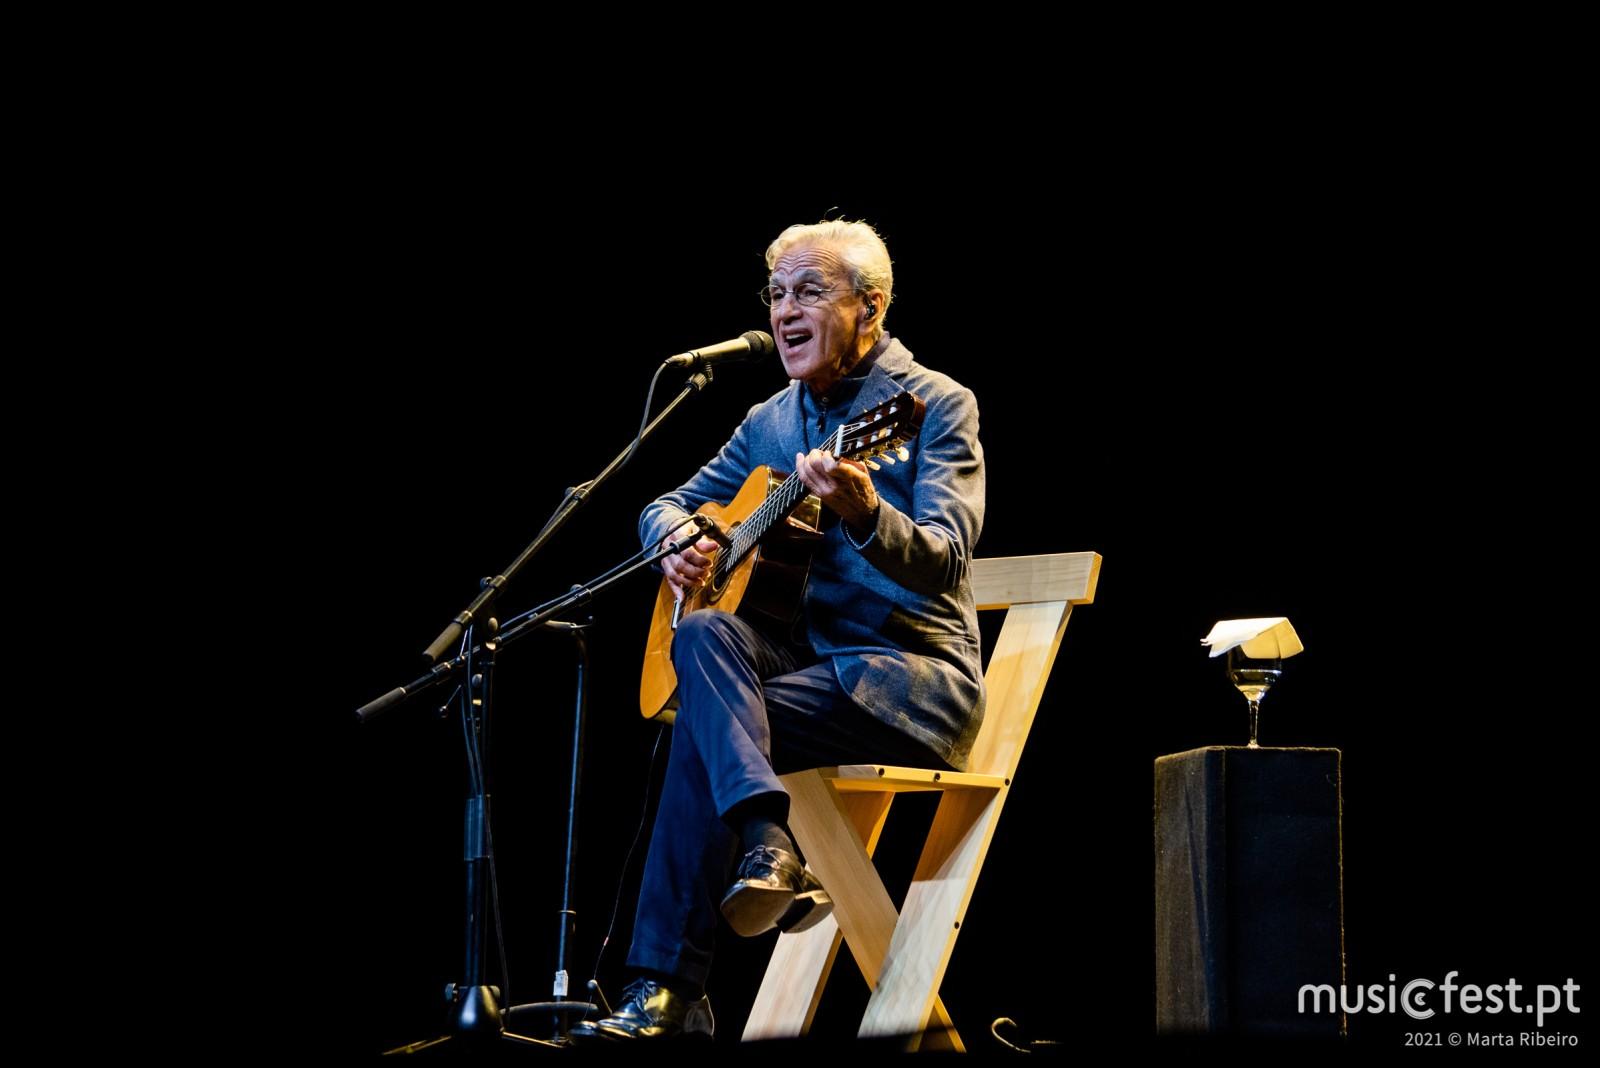 Vê aqui todas as fotos de Caetano Veloso no Coliseu de Lisboa